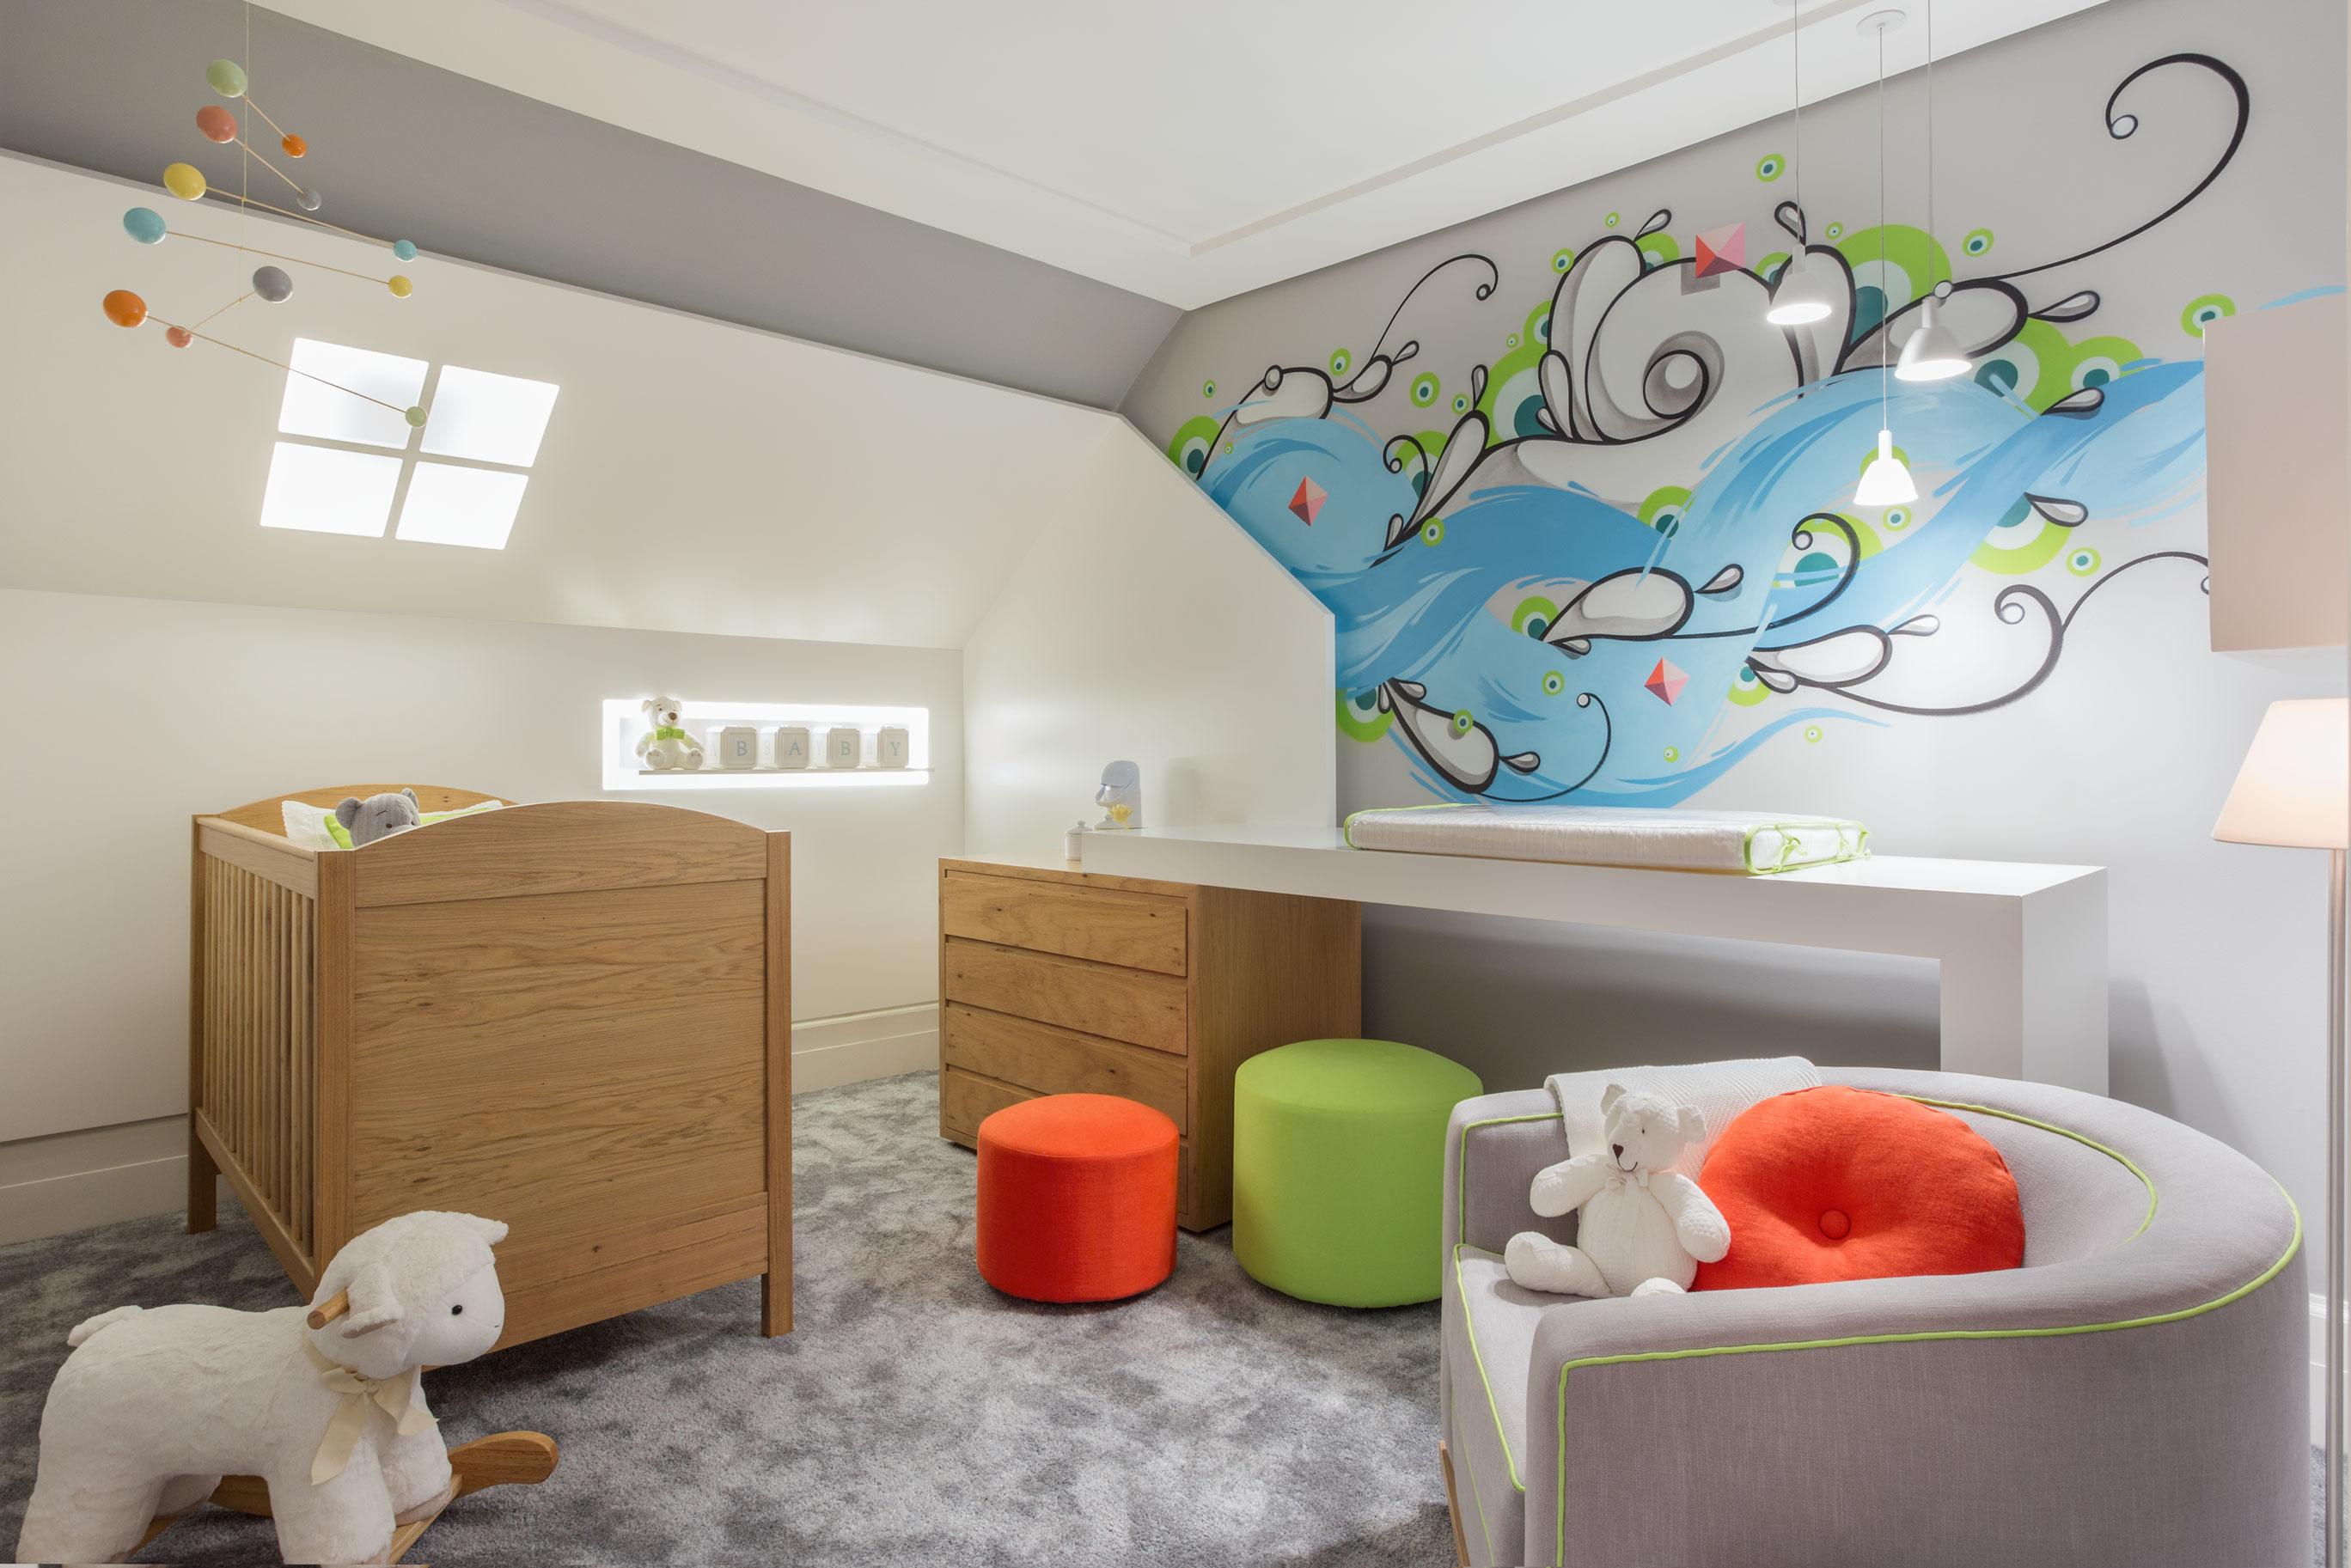 O profissional criou um quarto de bebê bem urbano, com desenhos em street art do artista Rafael Highraff com cores que remetem ao mar. Marcenaria laqueada aparecem nas paredes baseado nos tradicionais lambris